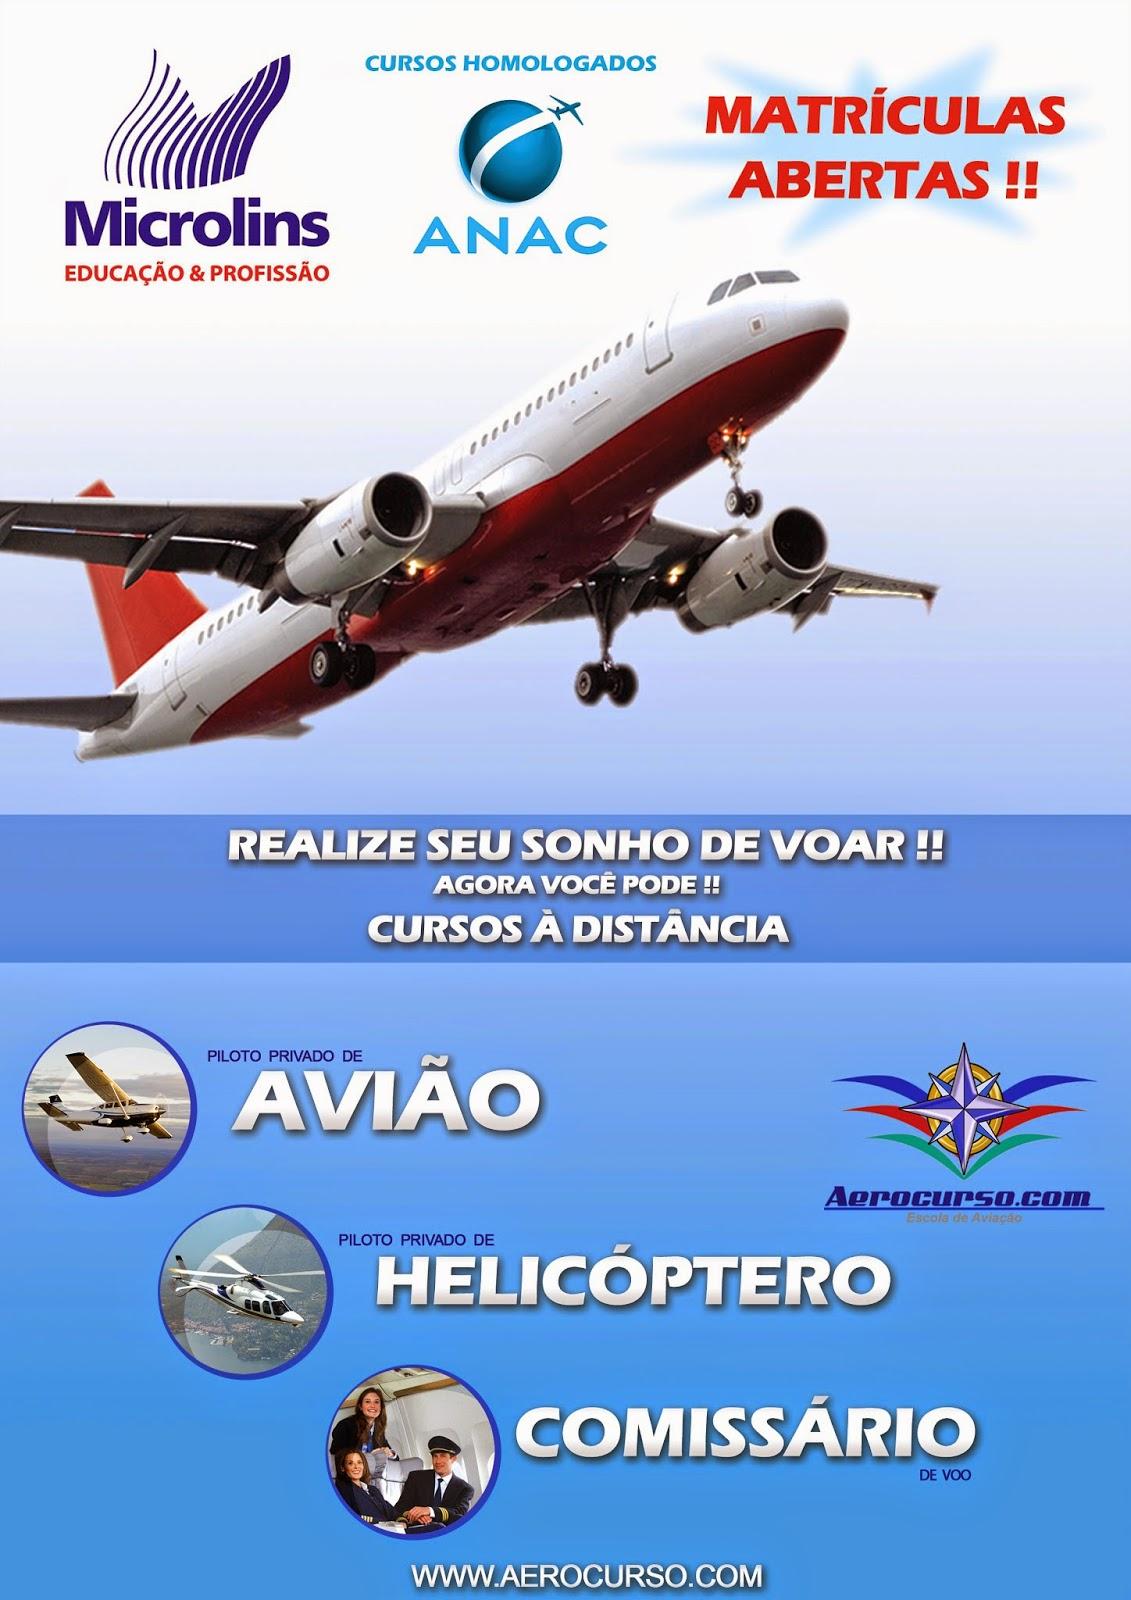 http://www.aerocurso.com/